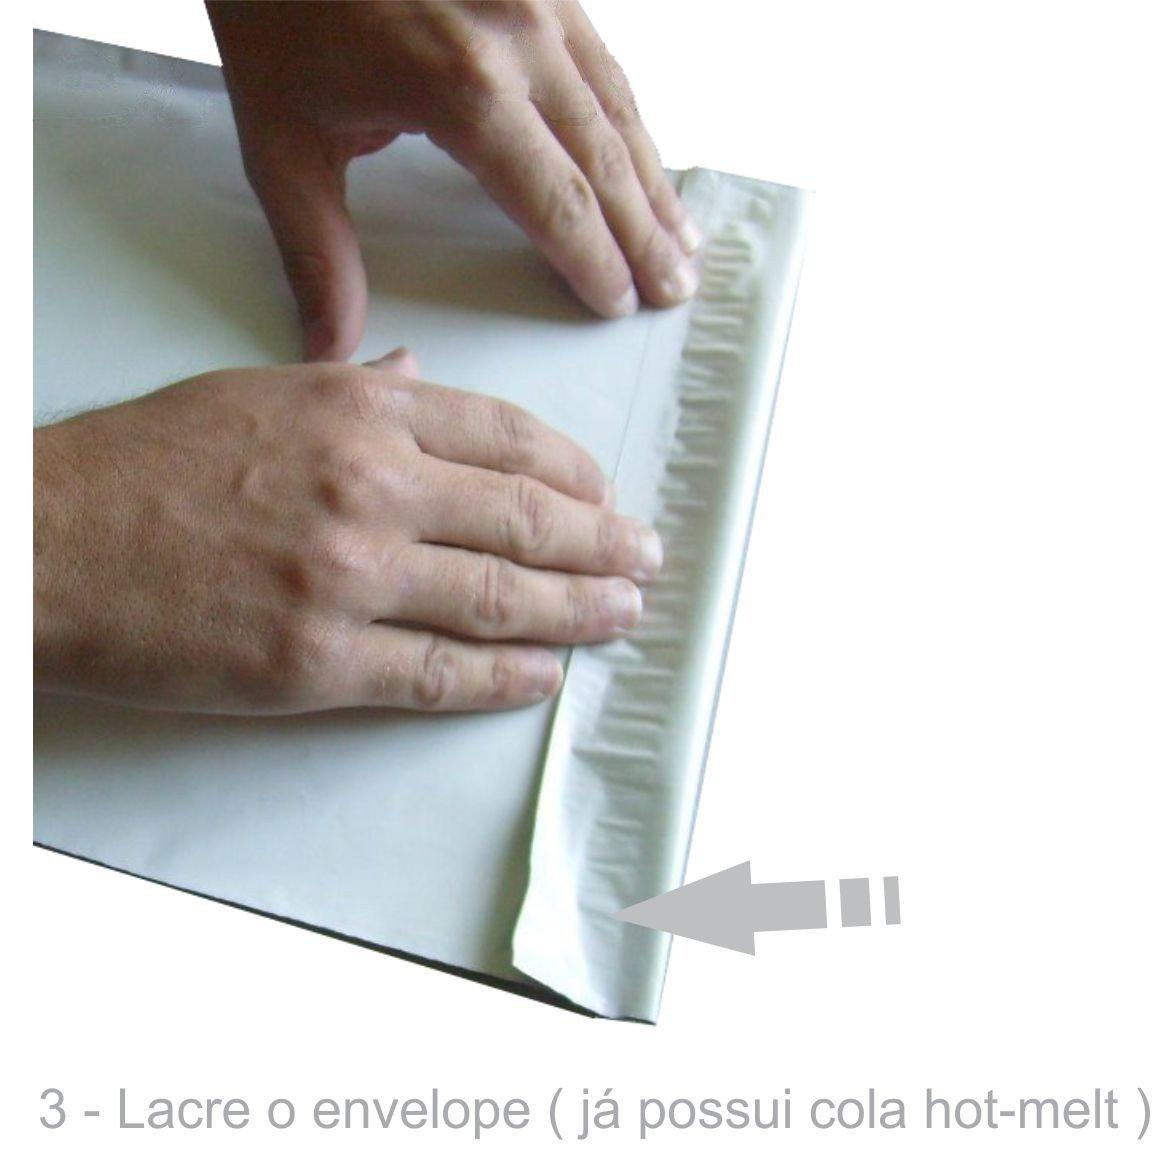 Envelope Plástico Segurança Lacre Tipo Sedex Impresso 32x40 (100pcs)